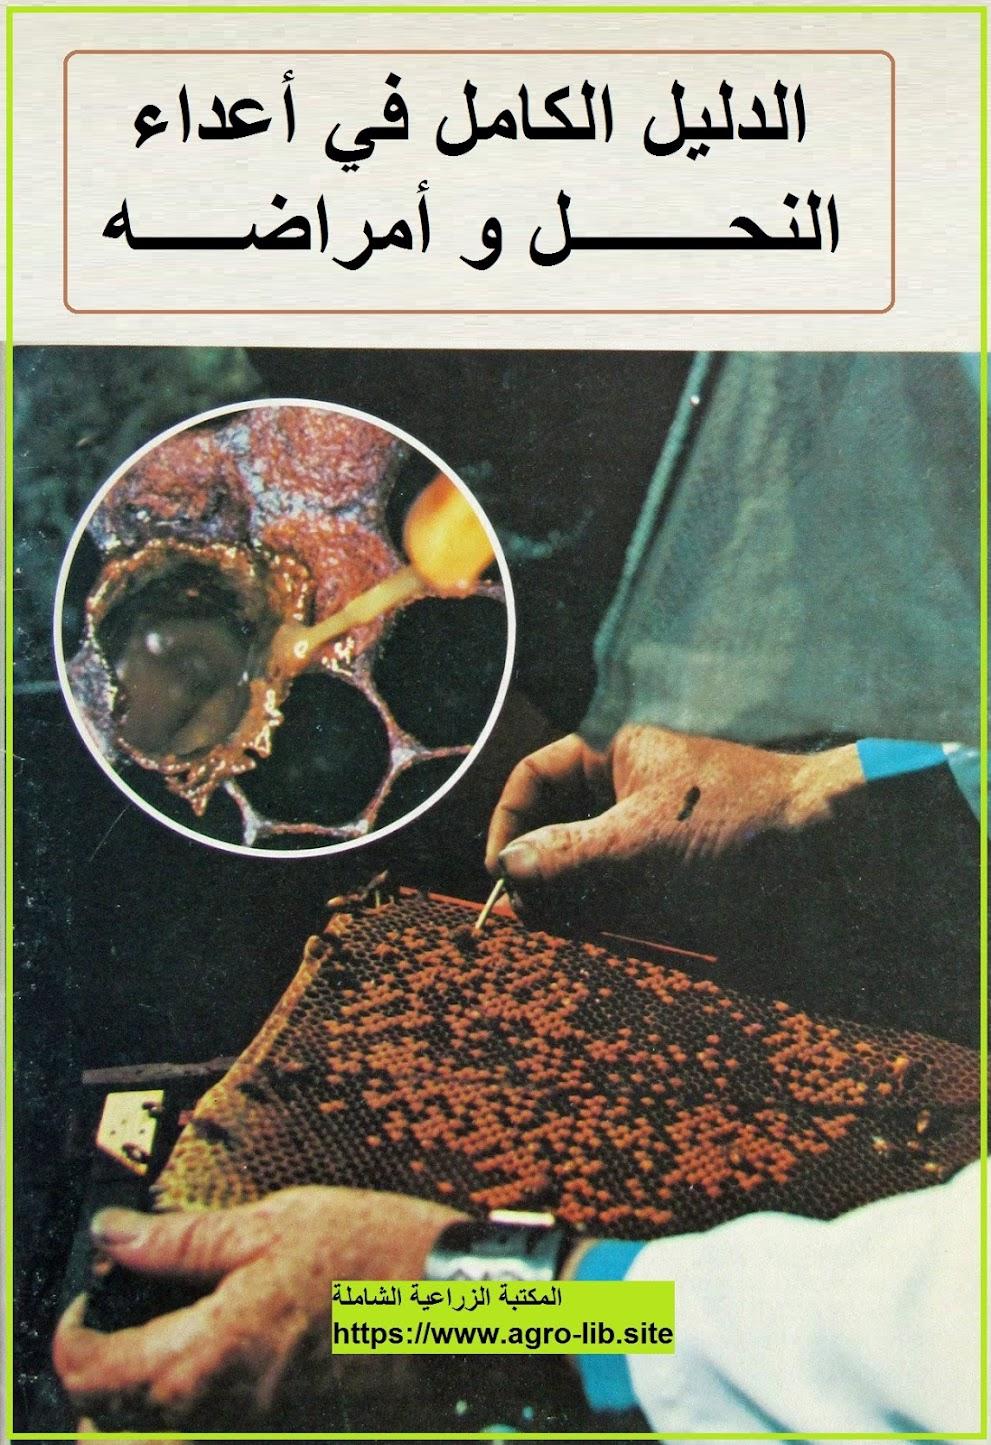 كتاب : الدليل الكامل في أعداء النحل و أمراضه